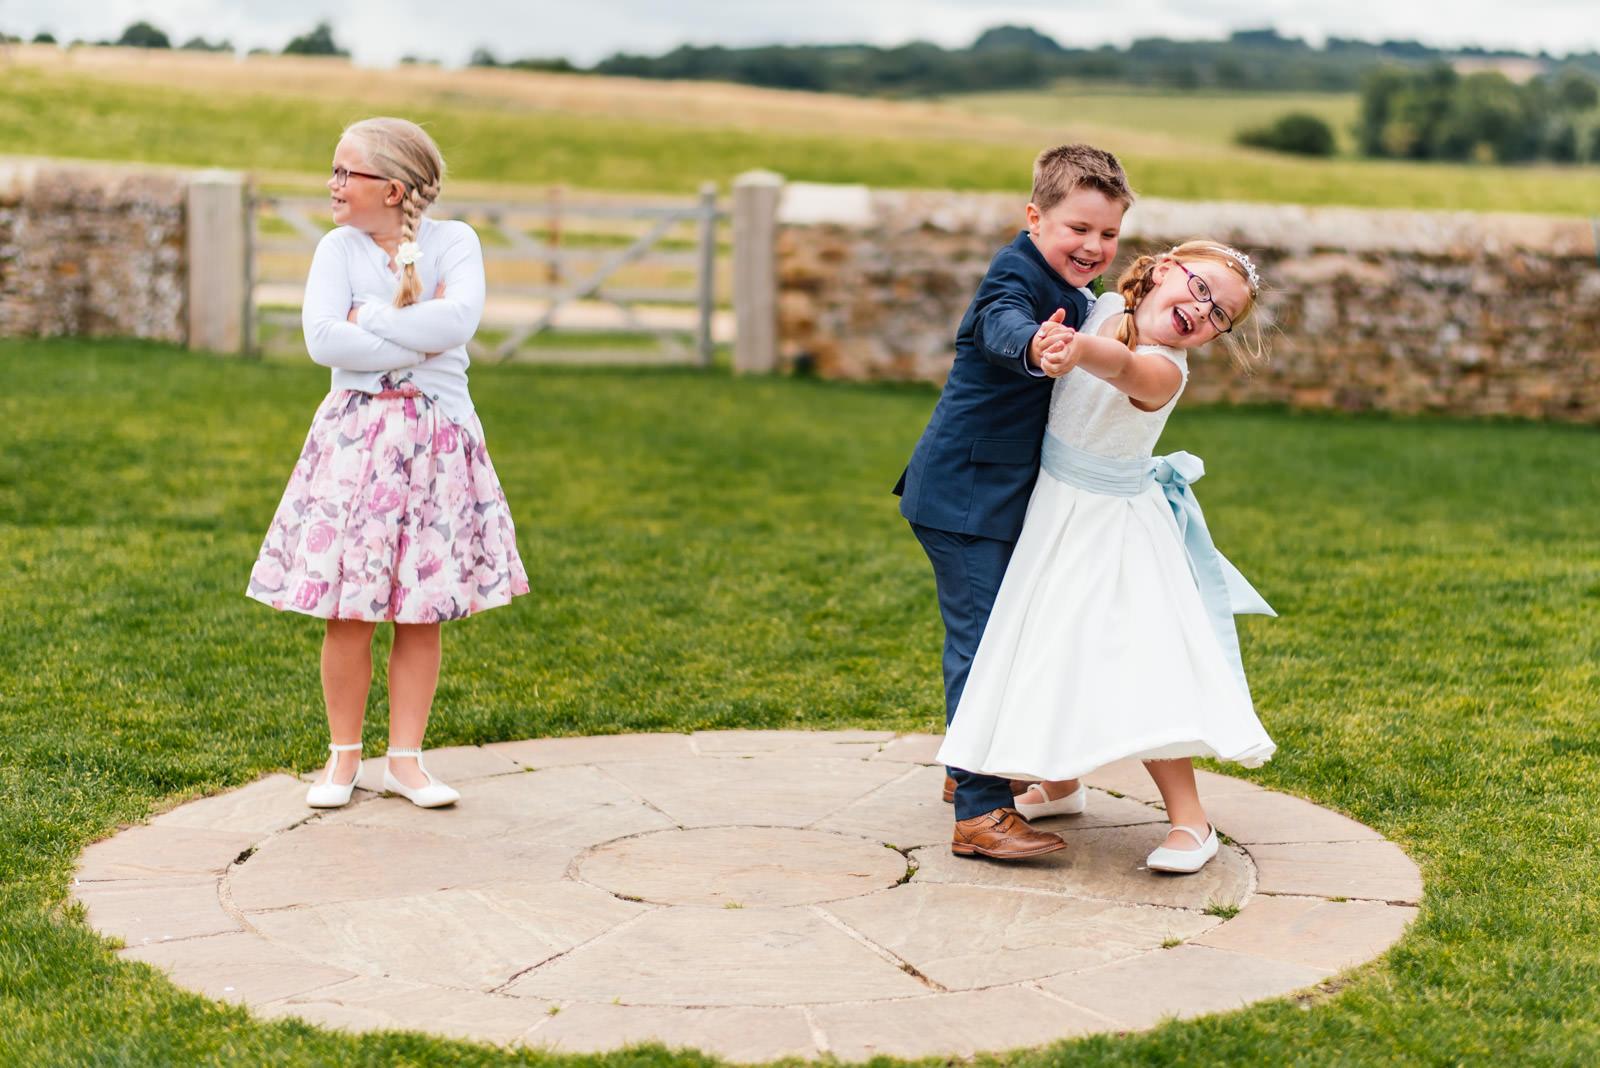 Children Candid Wedding Photo